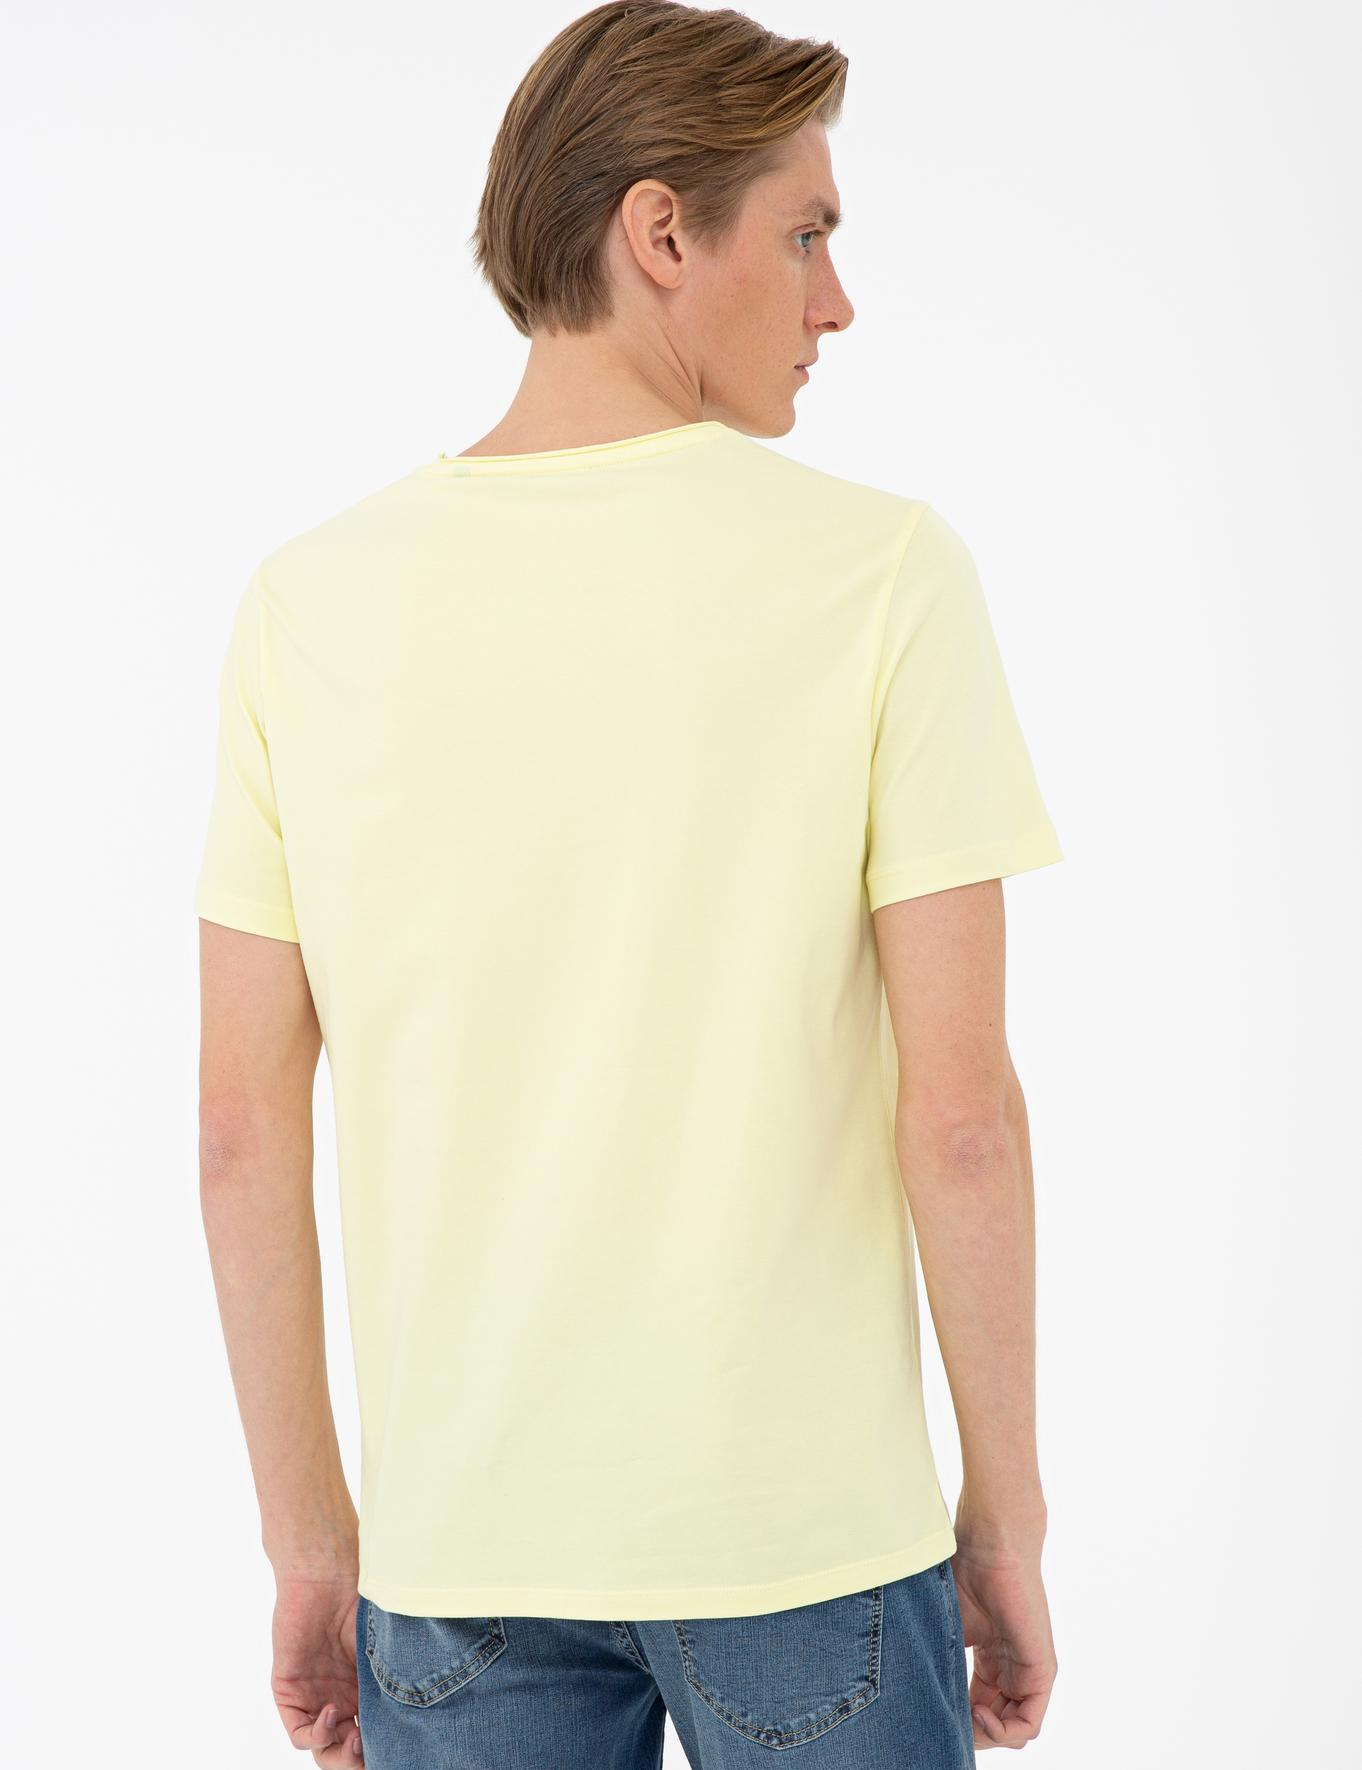 Bisiklet Yaka T-Shirt - 50235702113